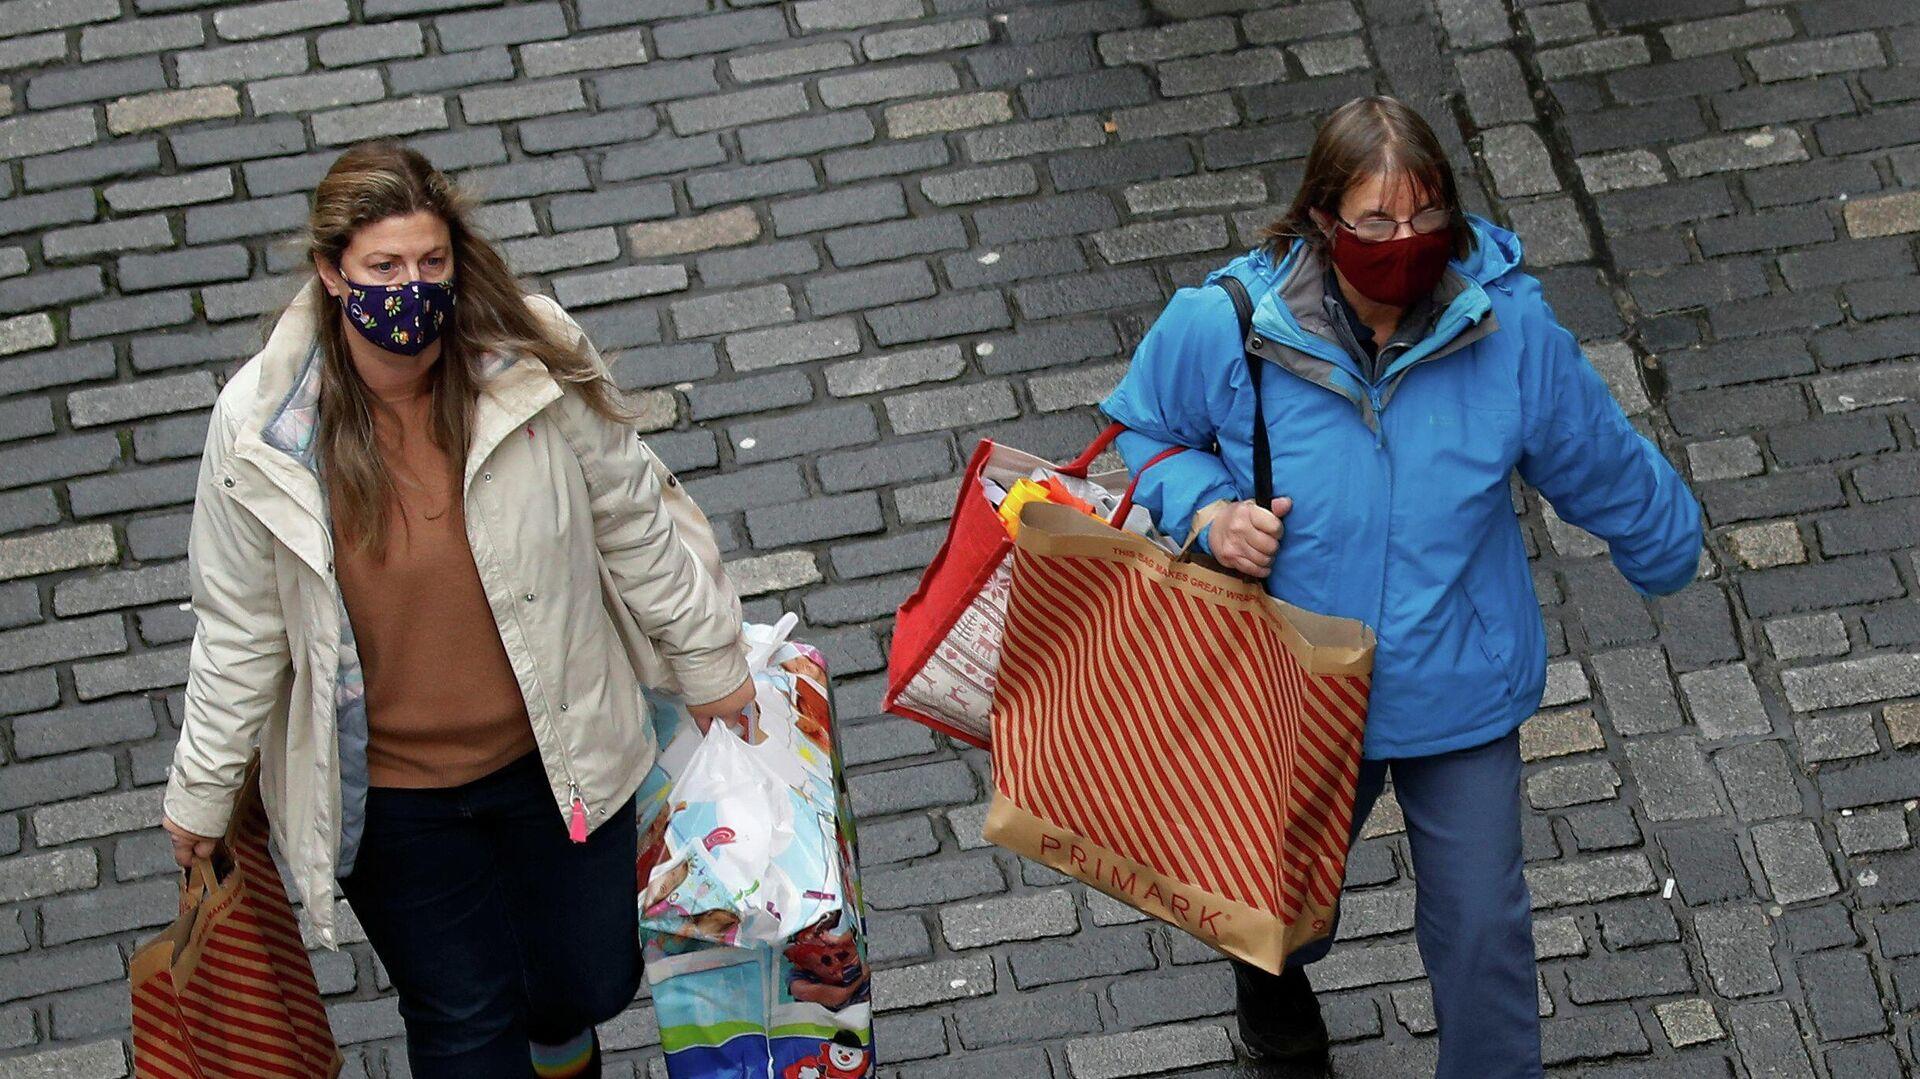 Покупатели с сумками в Честере, Великобритания - РИА Новости, 1920, 21.12.2020